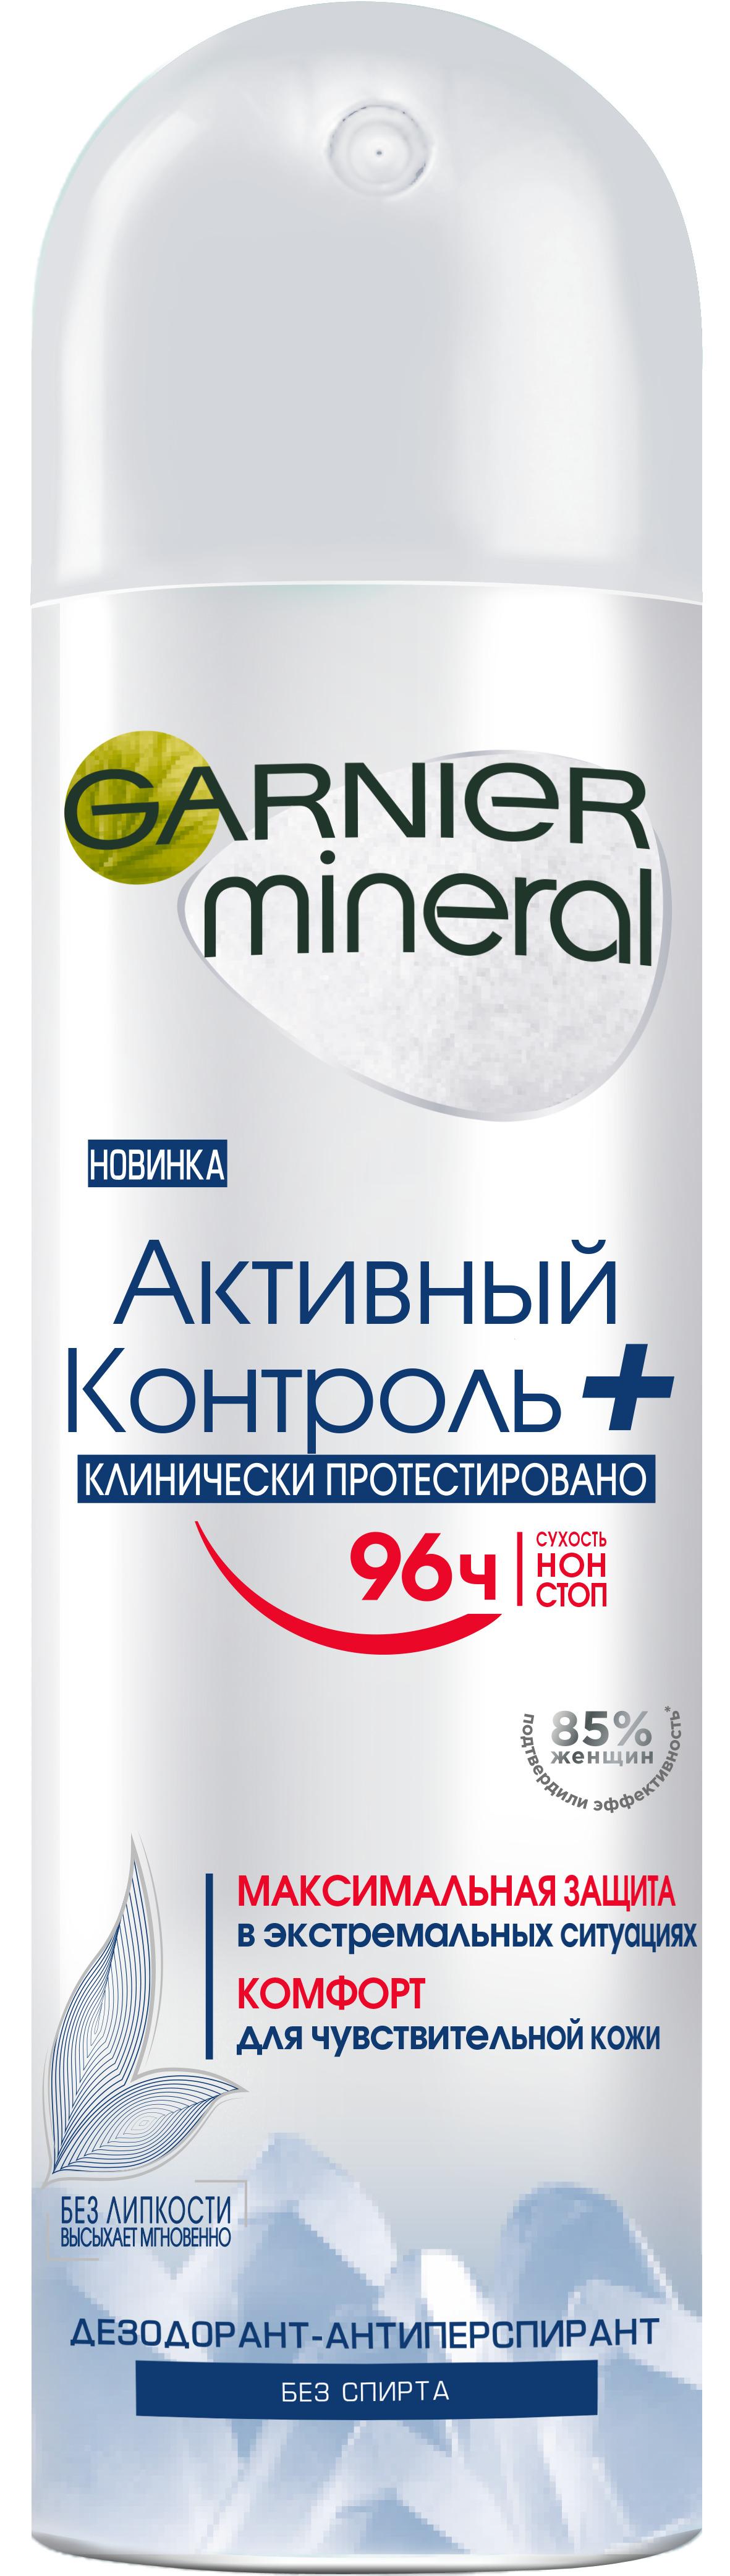 Купить Дезодорант-антиперспирант Garnier Активный контроль + для женщин 150 мл